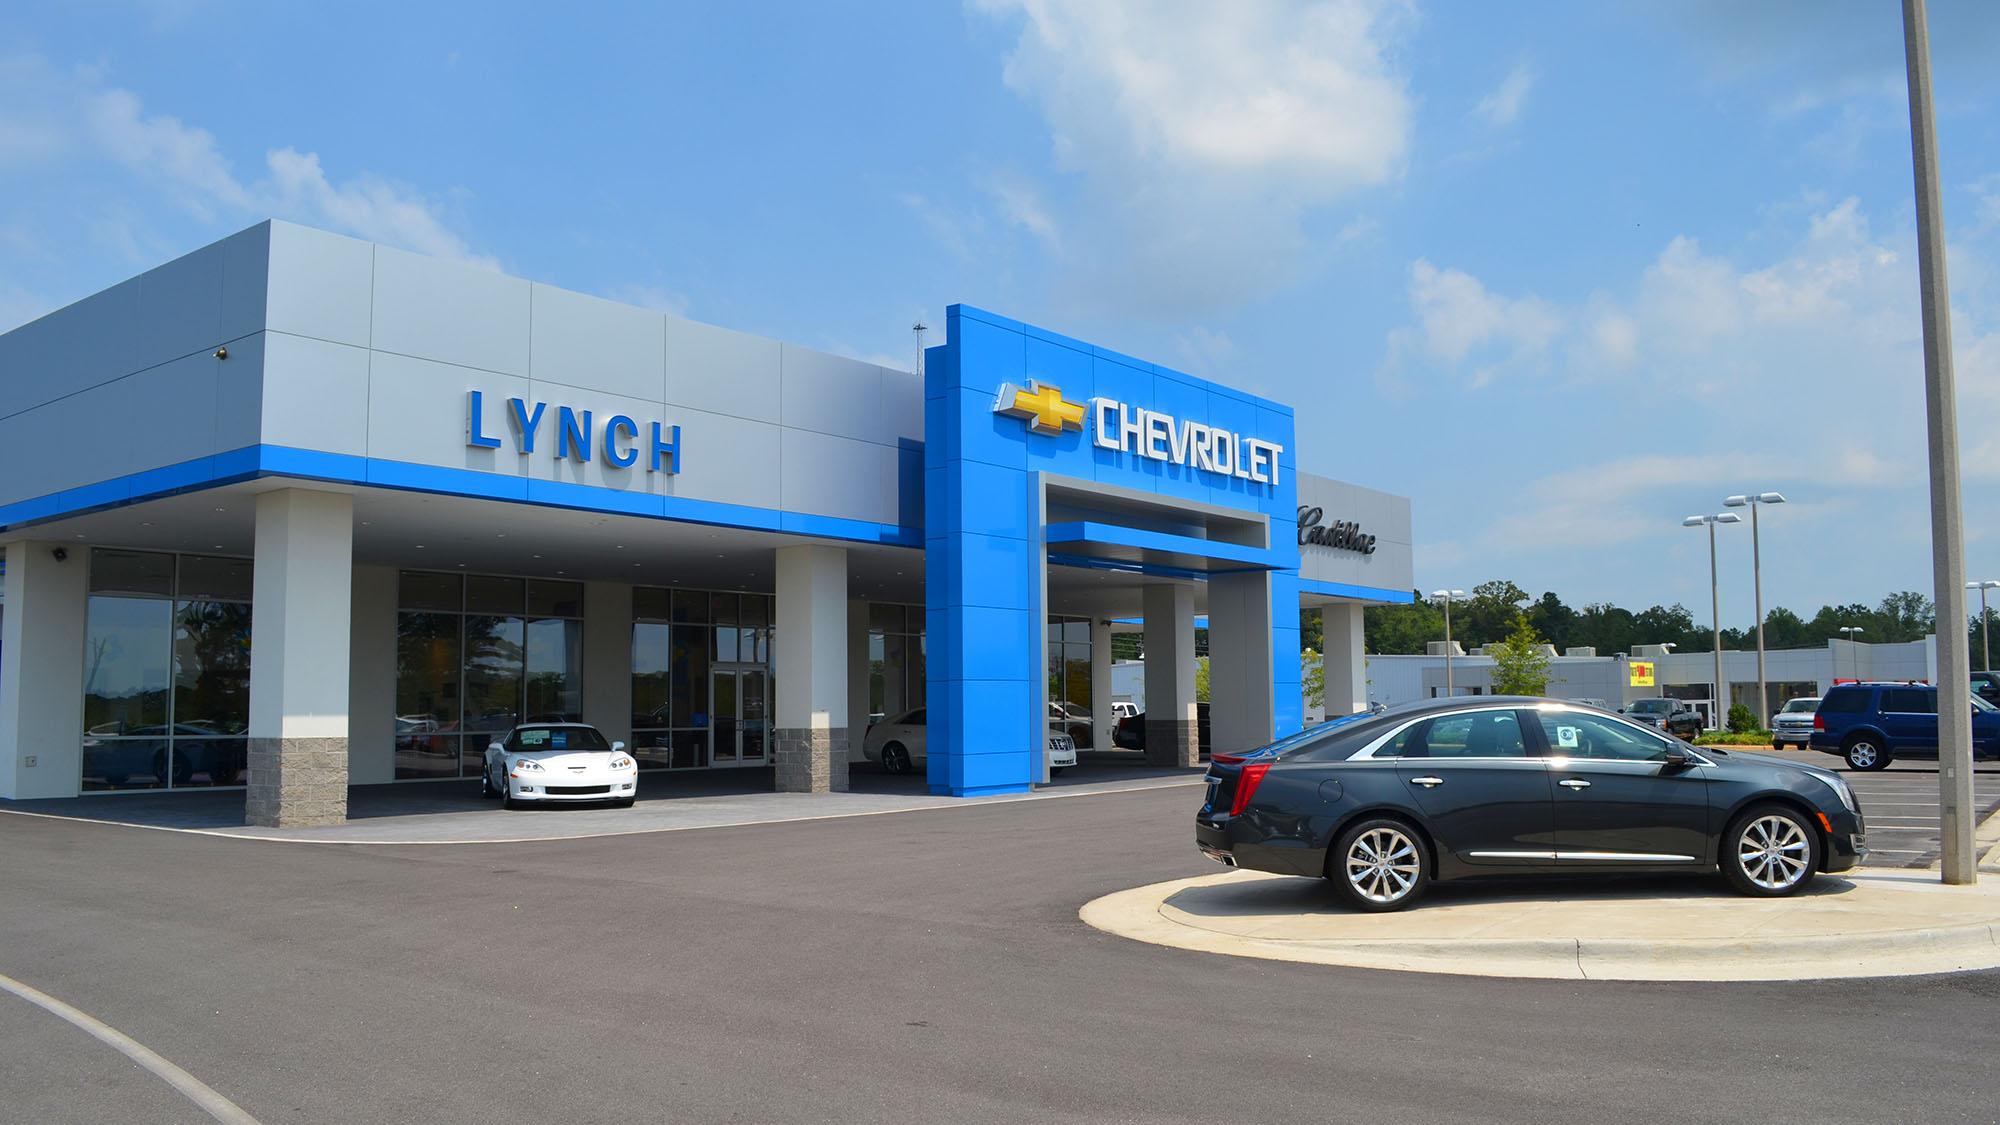 Lynch Chevrolet in Auburn Alabama